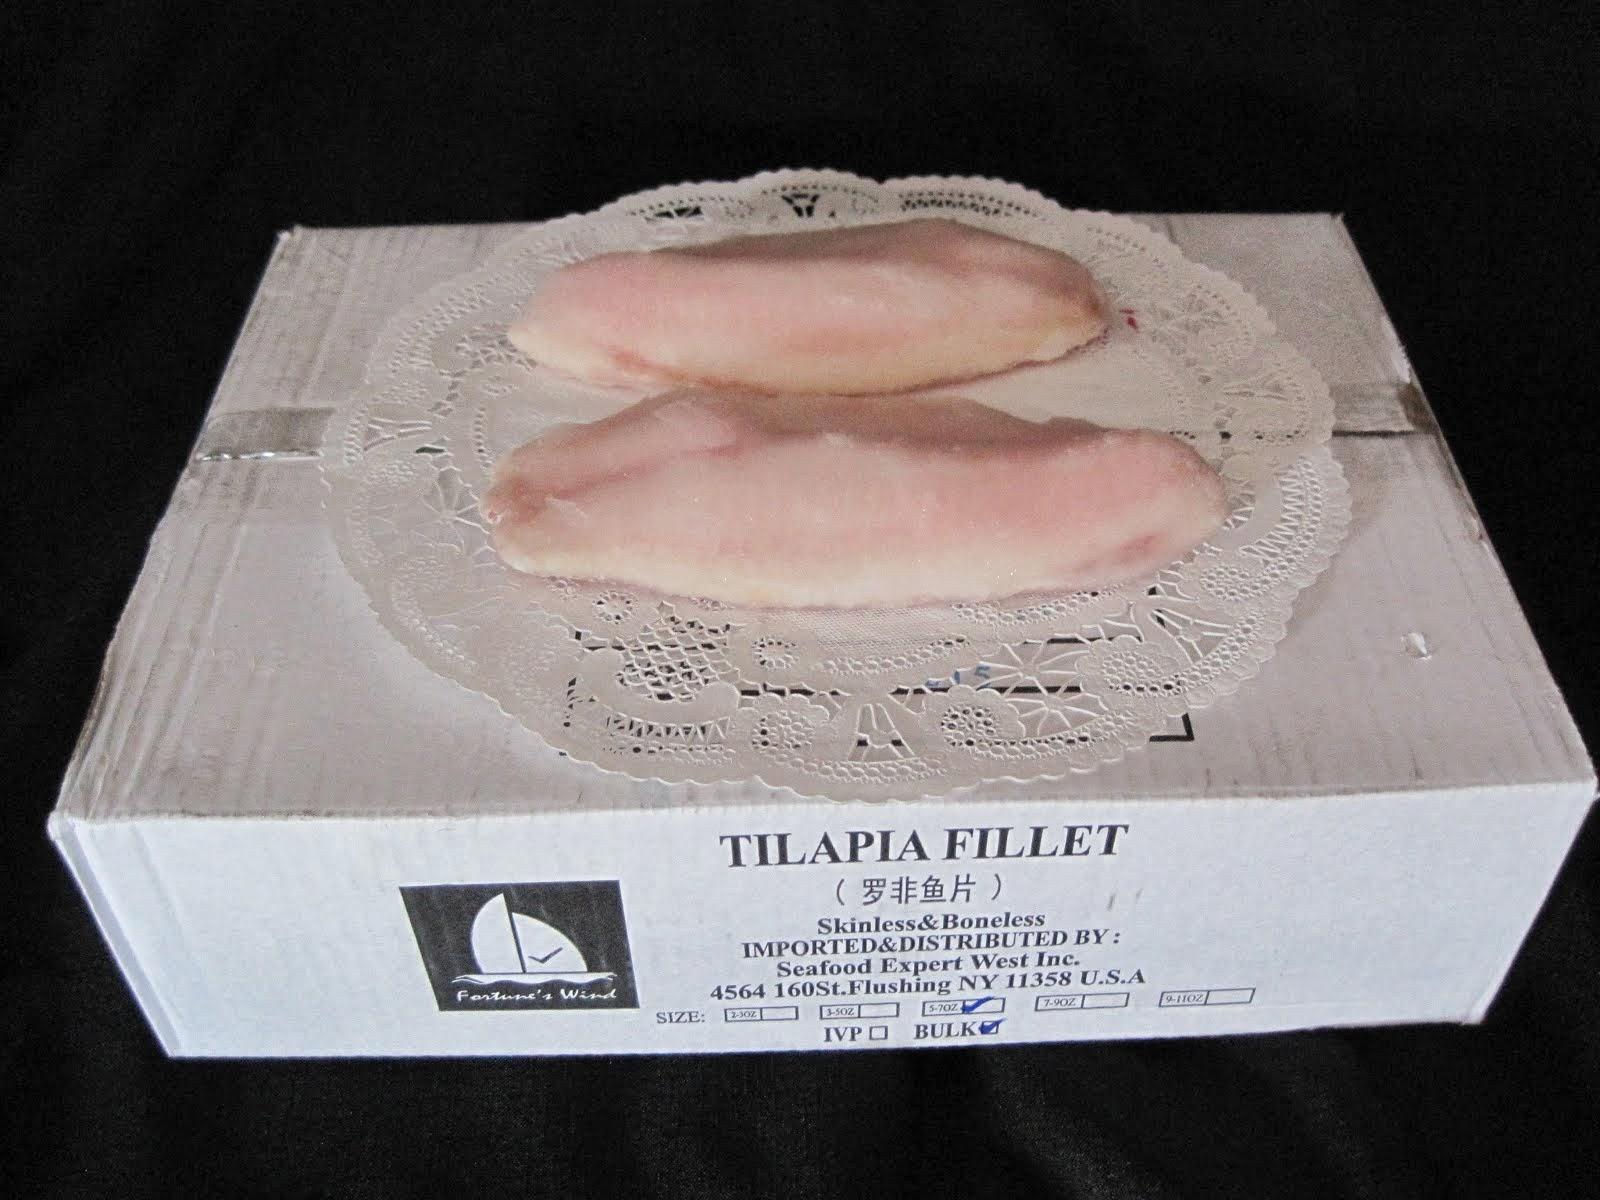 Tilapia Fillet IQF 5-7 oz 10 lb Box - Item # 21305